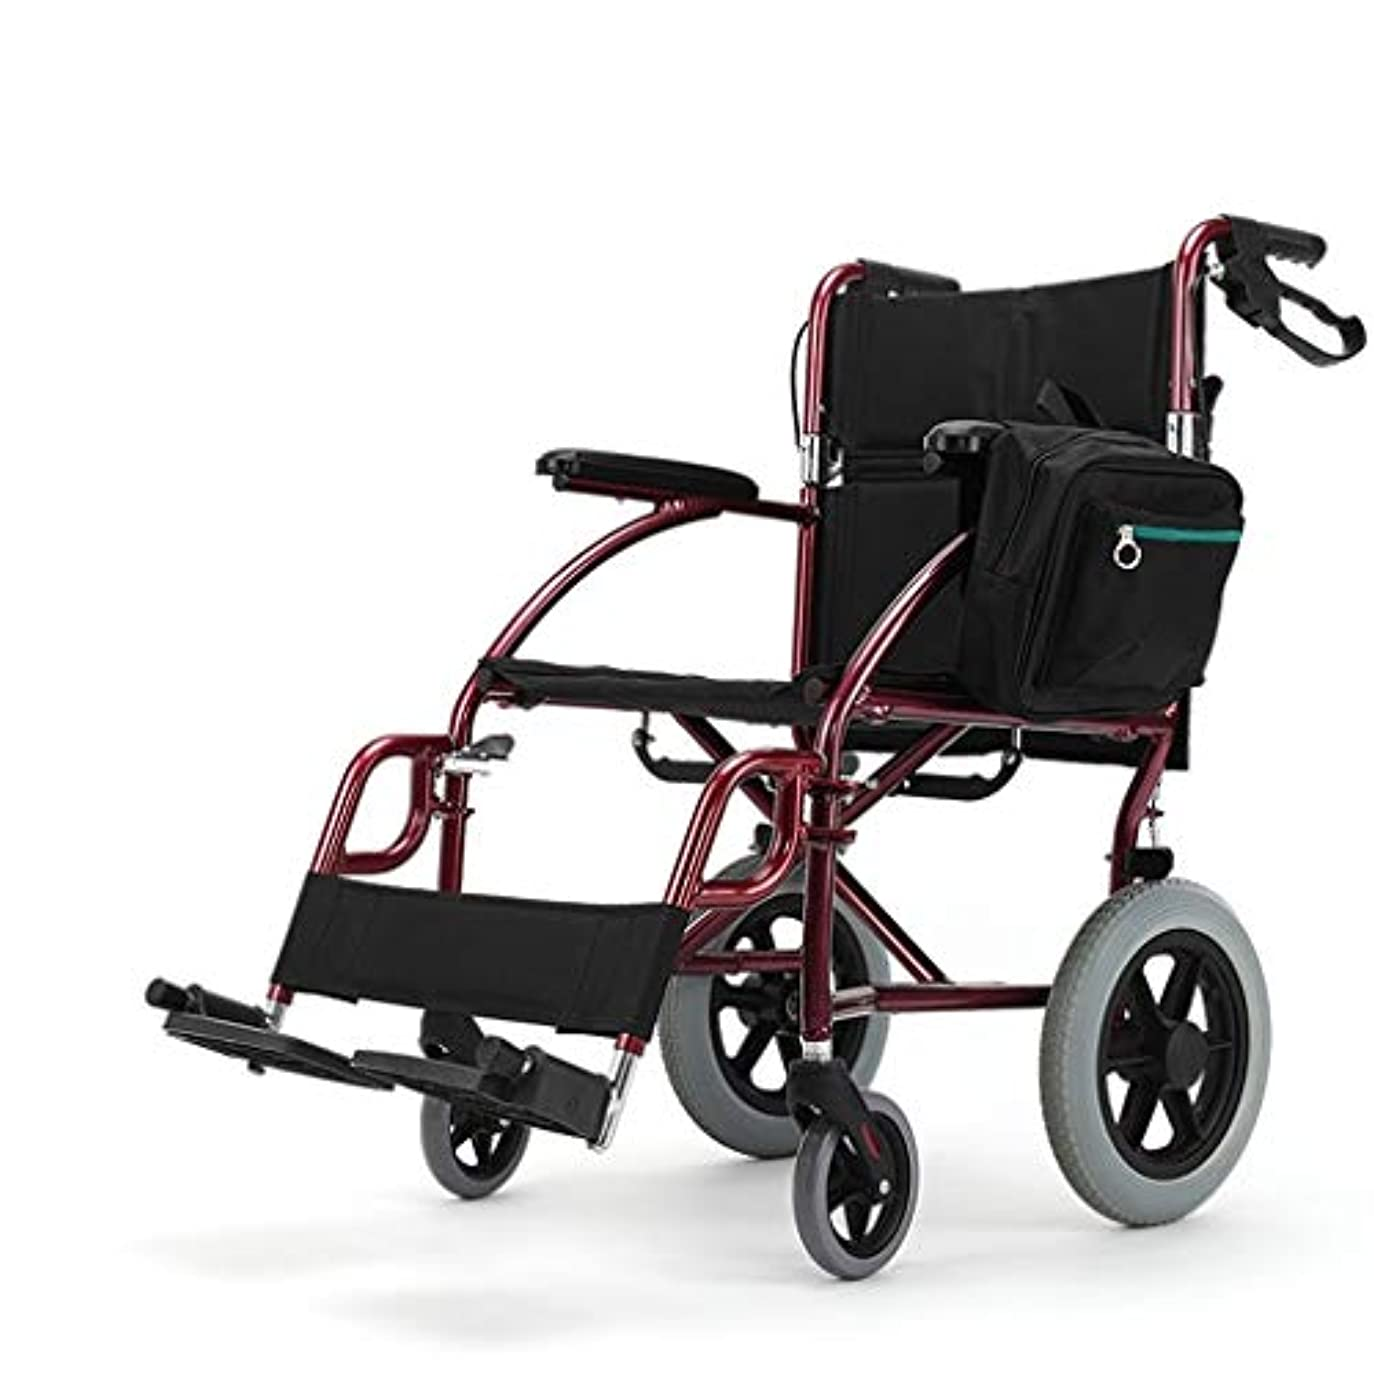 戦艦兵隊節約屋外旅行のための手動車椅子、折り畳み式のアルミ折りたたみ車椅子取り外し可能なペダル、障害者のための車椅子